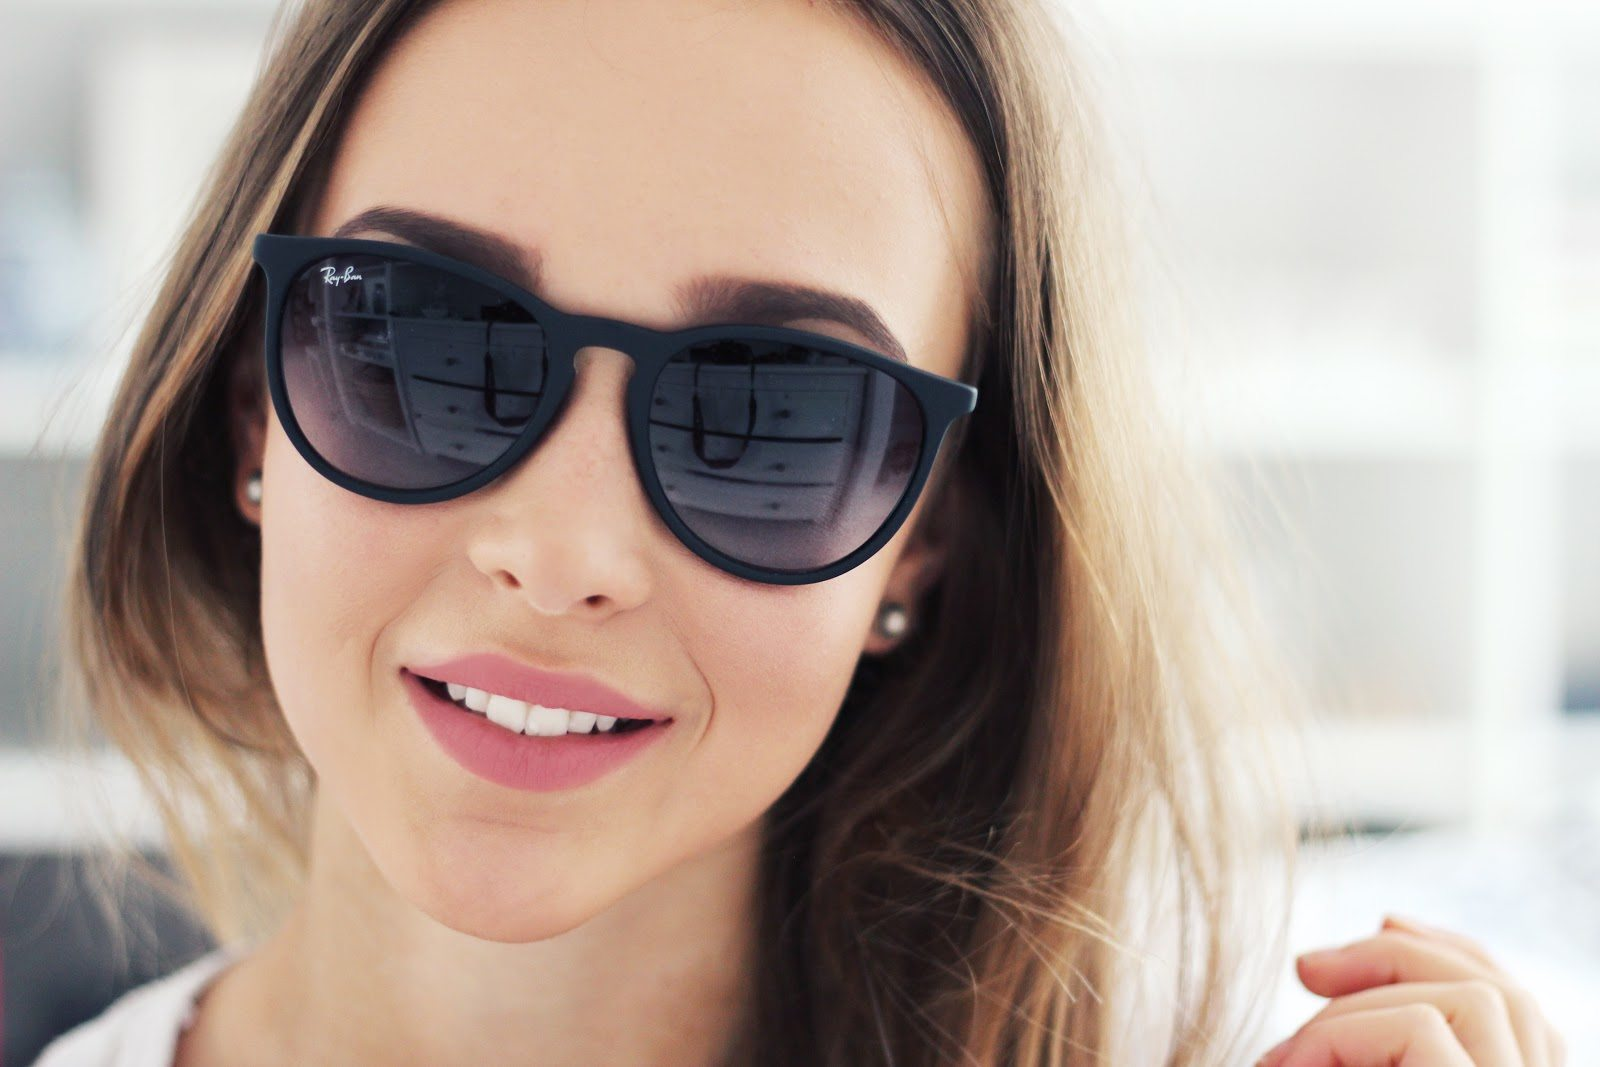 очки ray ban на девушке